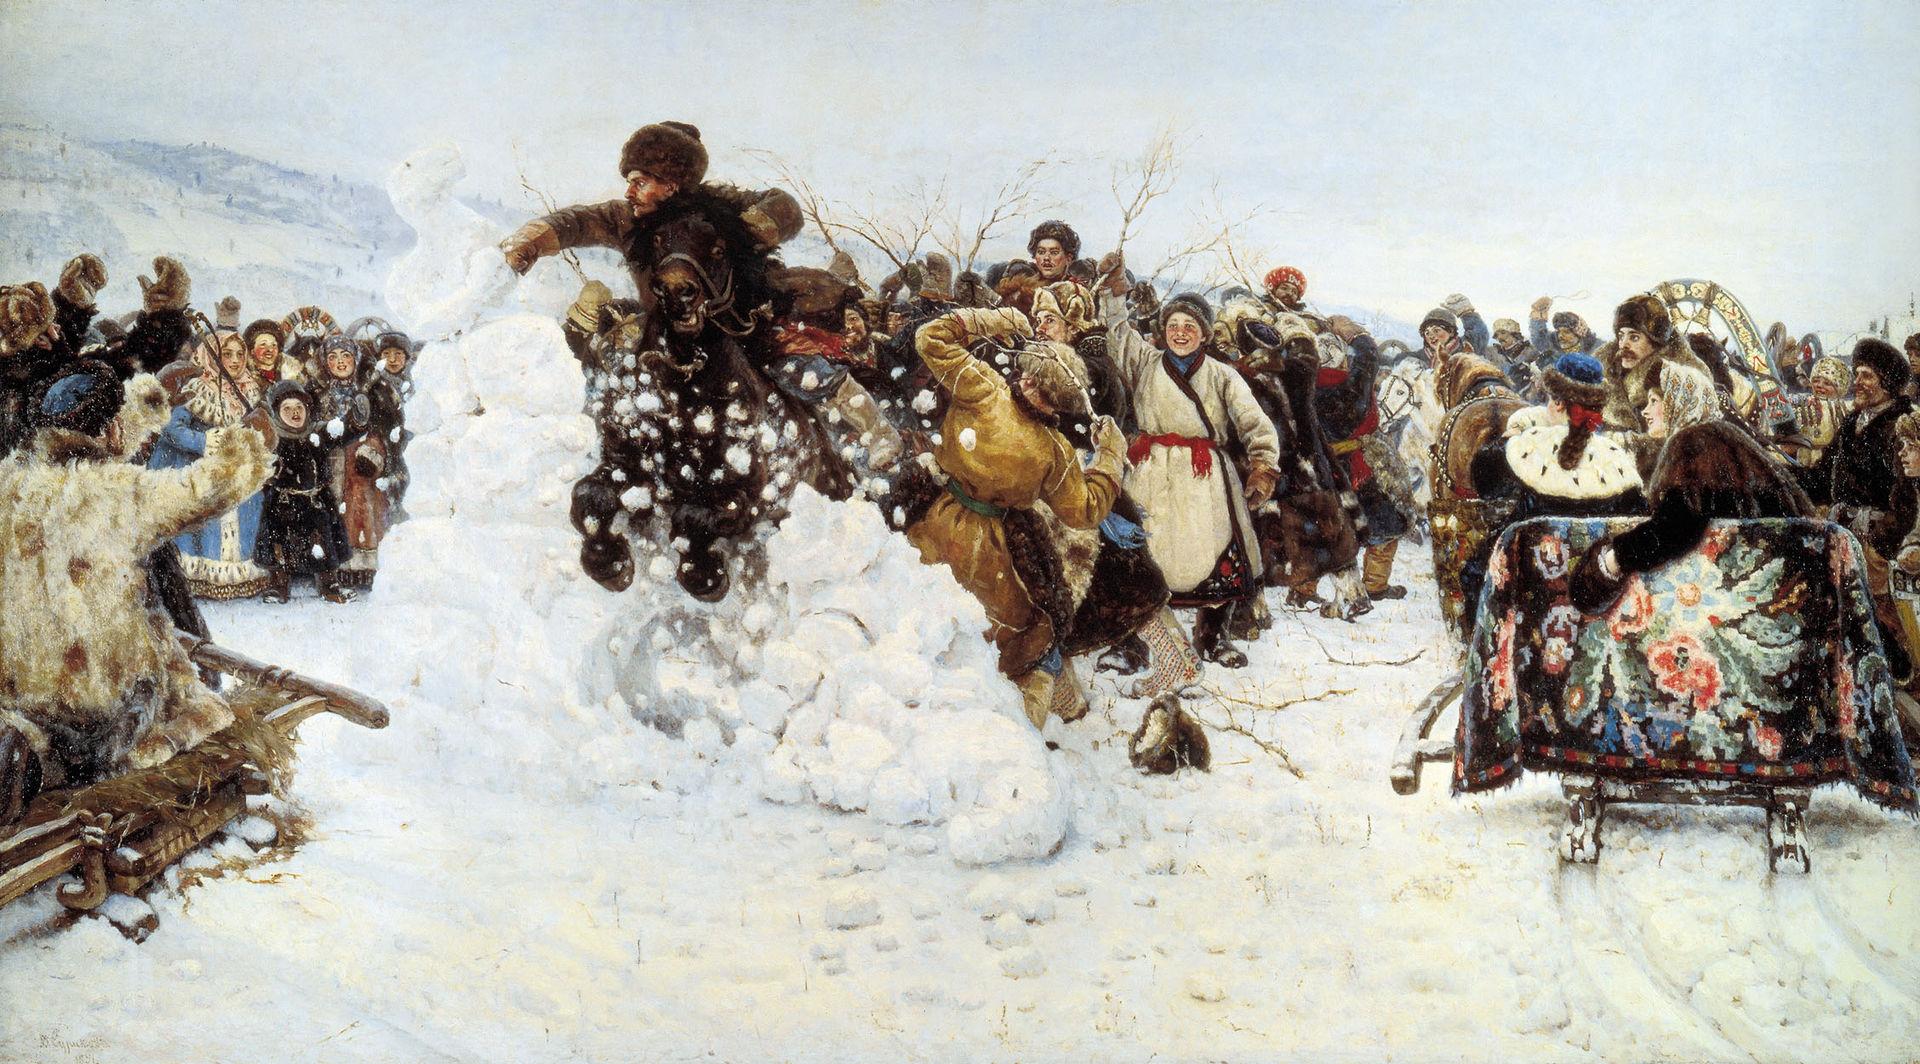 В. И. Суриков Взятие снежного городка, 1891